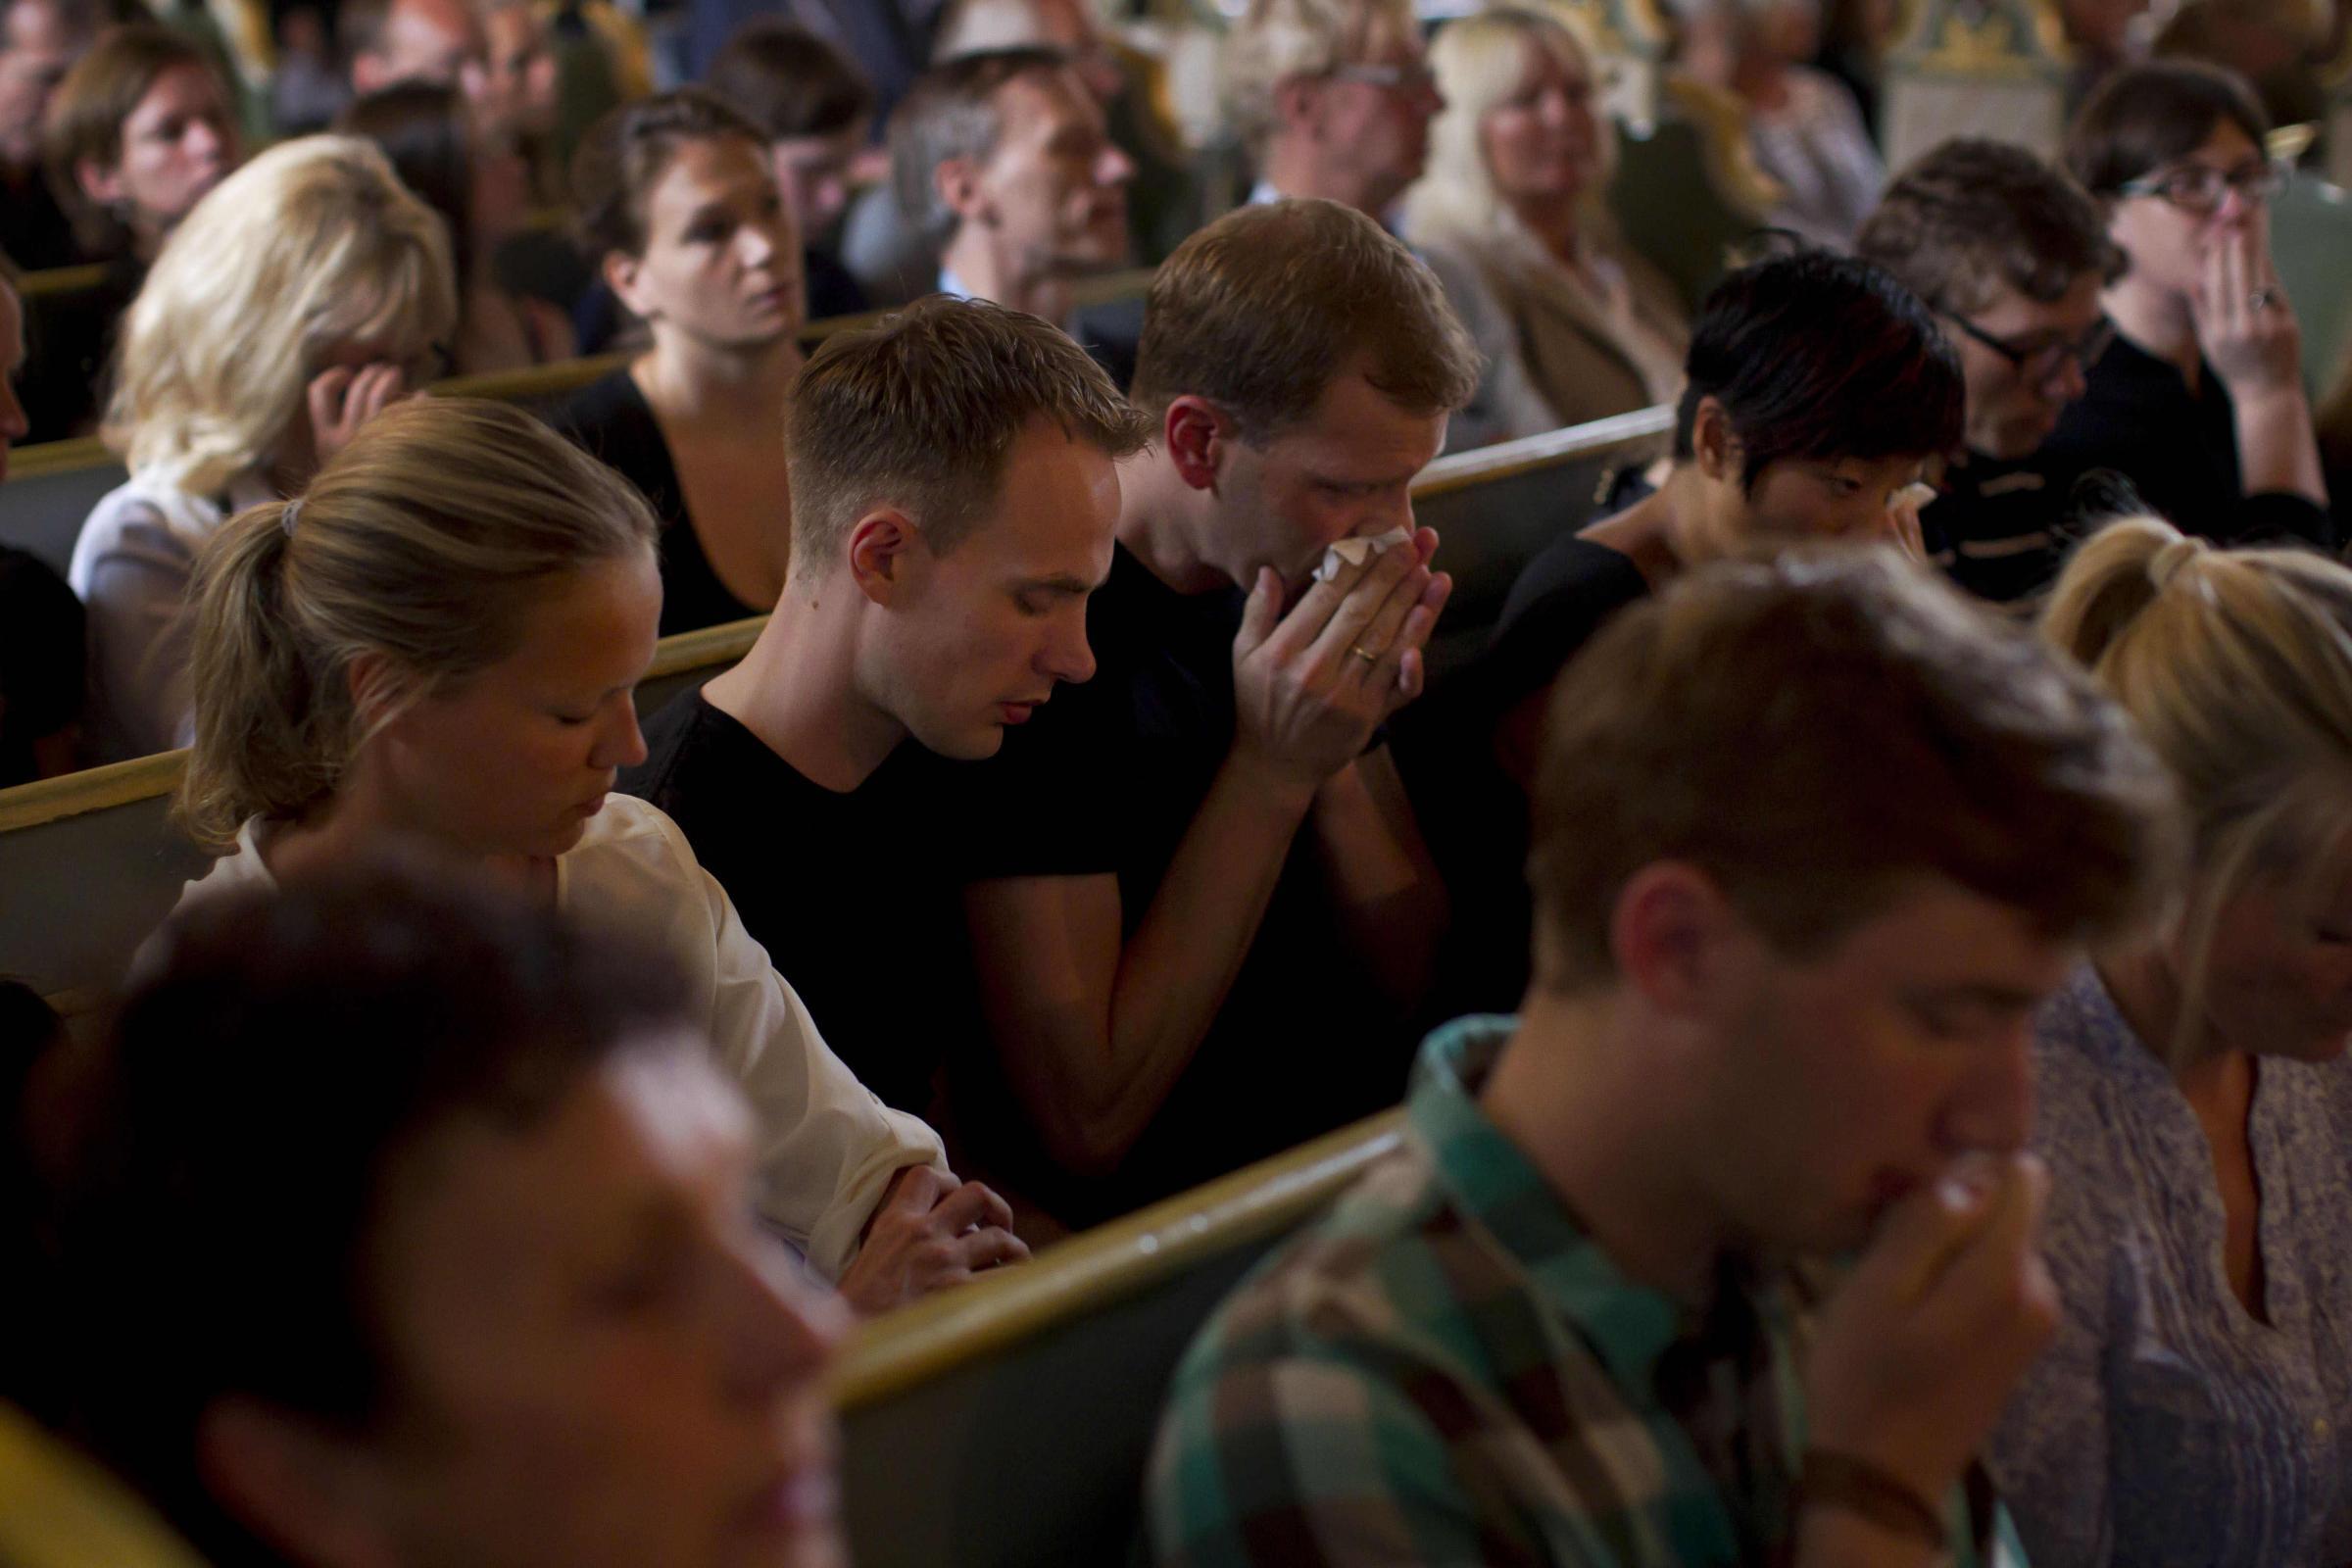 Parigi: dai musulmani una preghiera contro le stragi